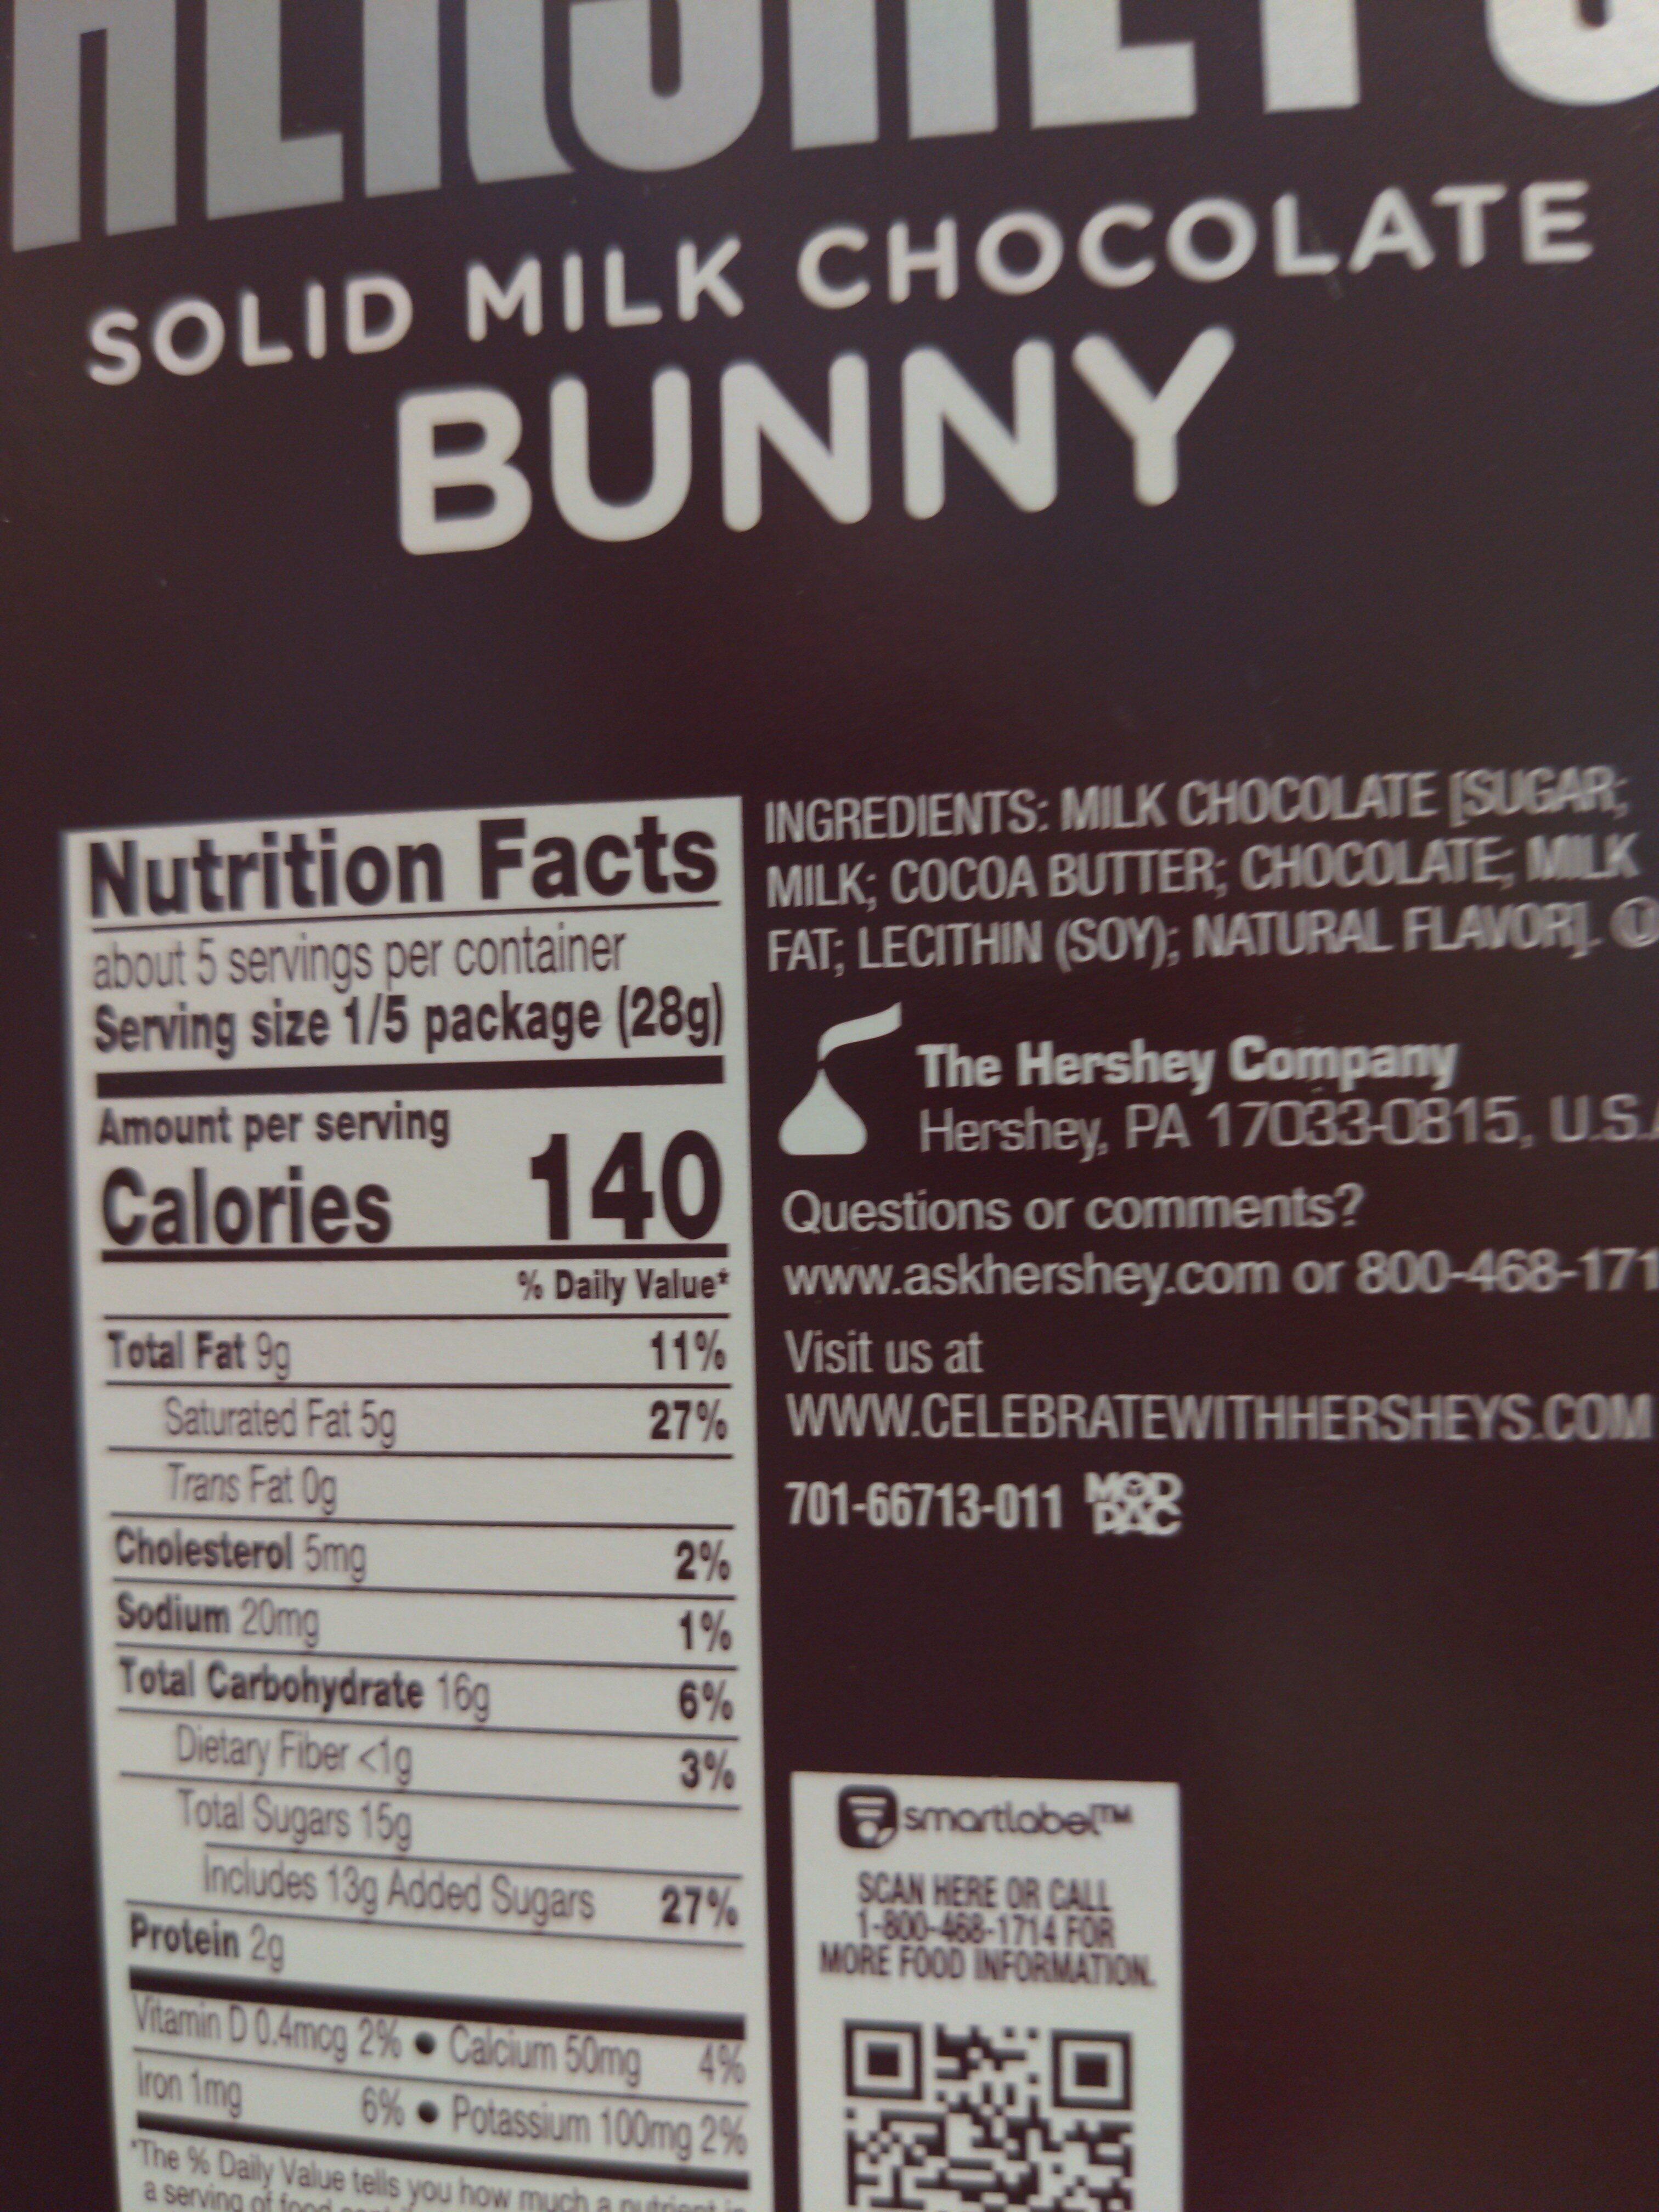 Hershey's solid milk chocolate bunny - Ingredients - en